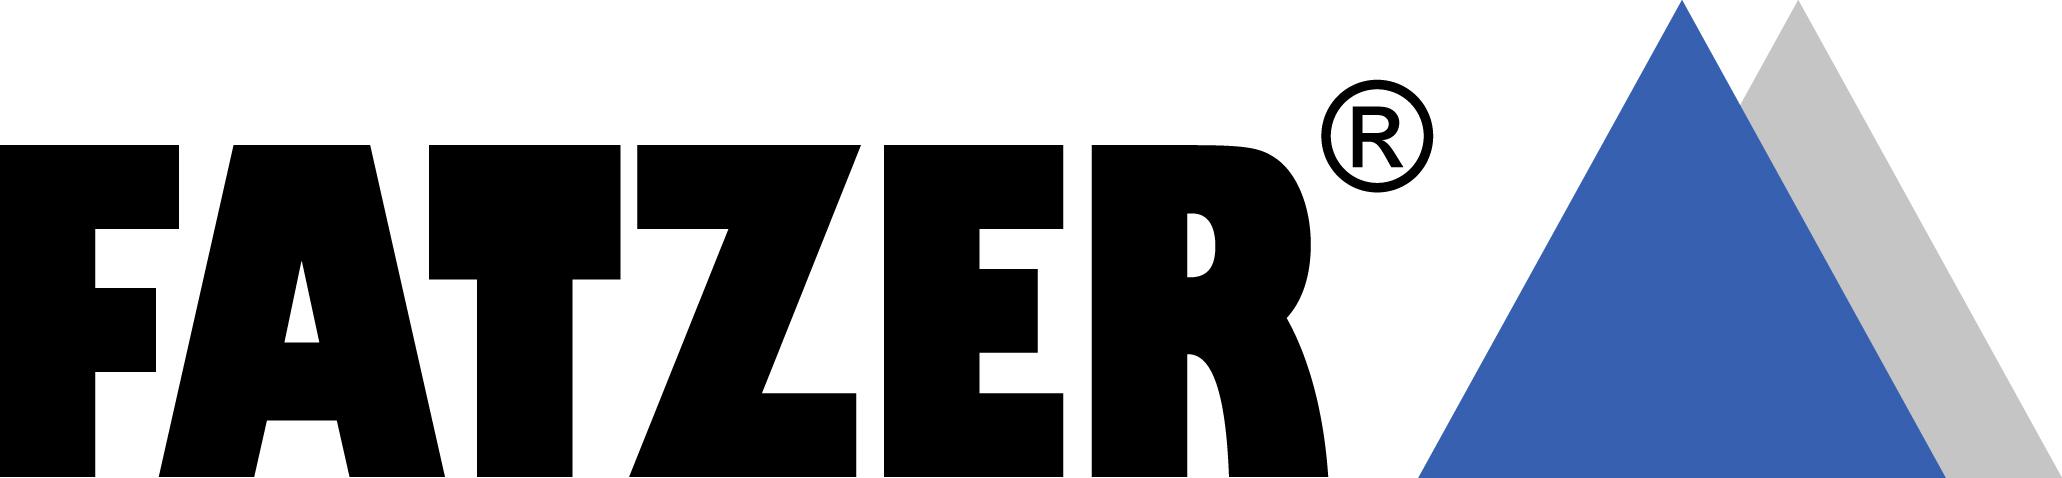 logo-fatzer